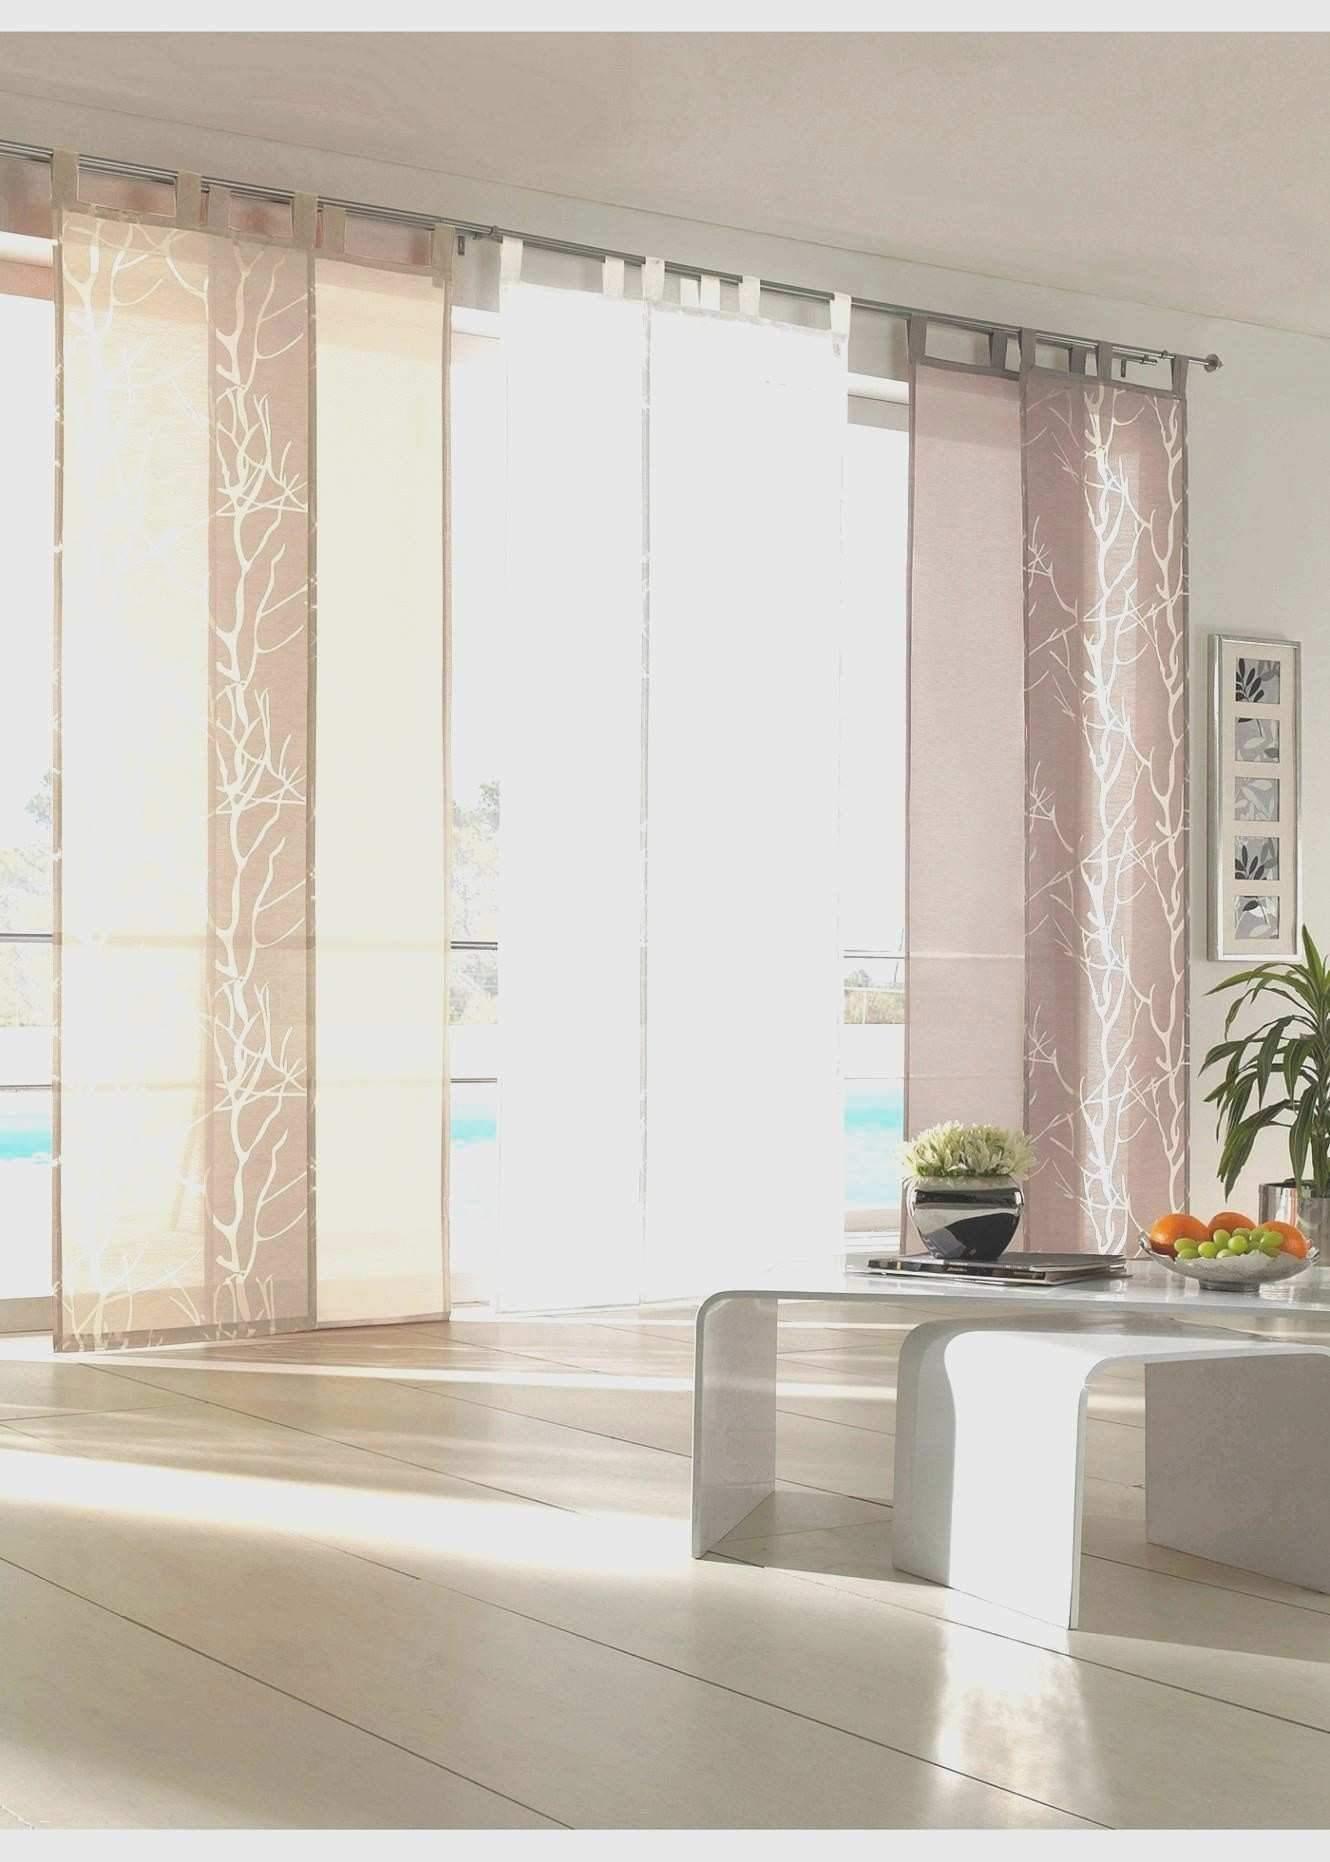 Full Size of Wohnzimmer Deckenlampe Rollo Vorhang Anbauwand Liege Led Beleuchtung Schrankwand Hängeschrank Weiß Hochglanz Decke Heizkörper Badezimmer Modernes Bett Wohnzimmer Moderne Heizkörper Wohnzimmer